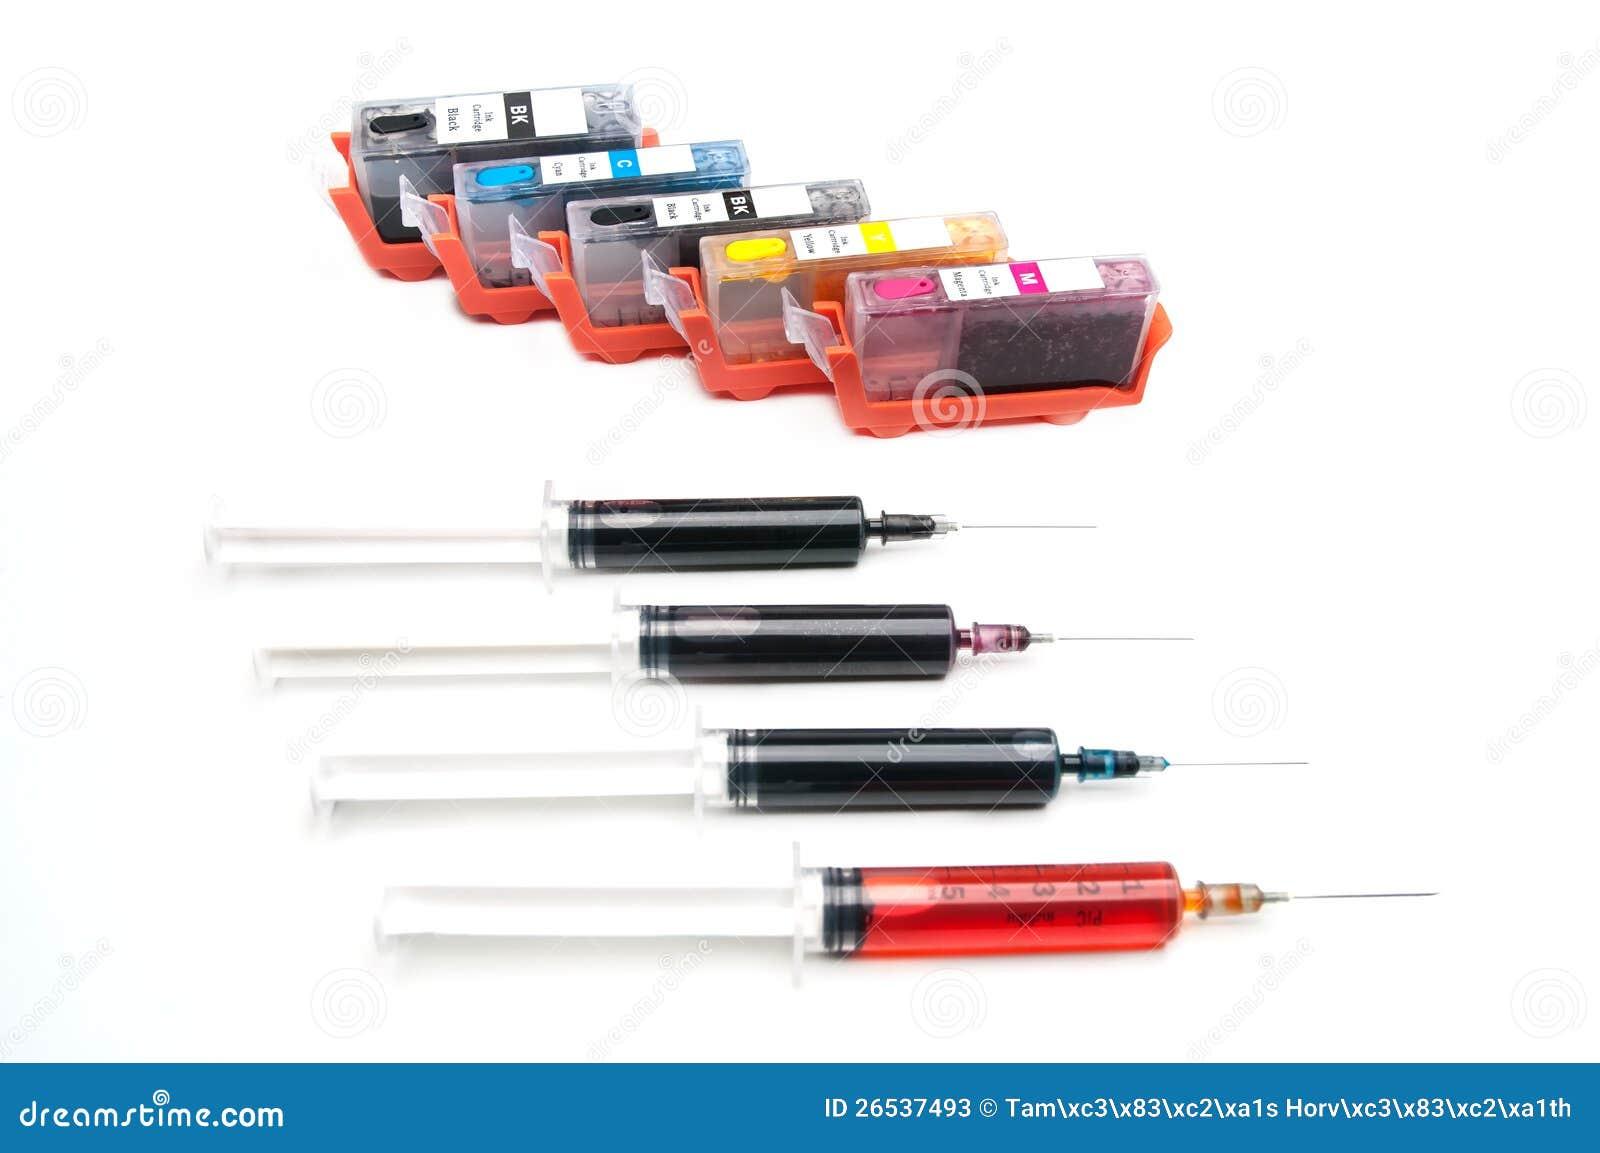 printer cartridge refilling business plan